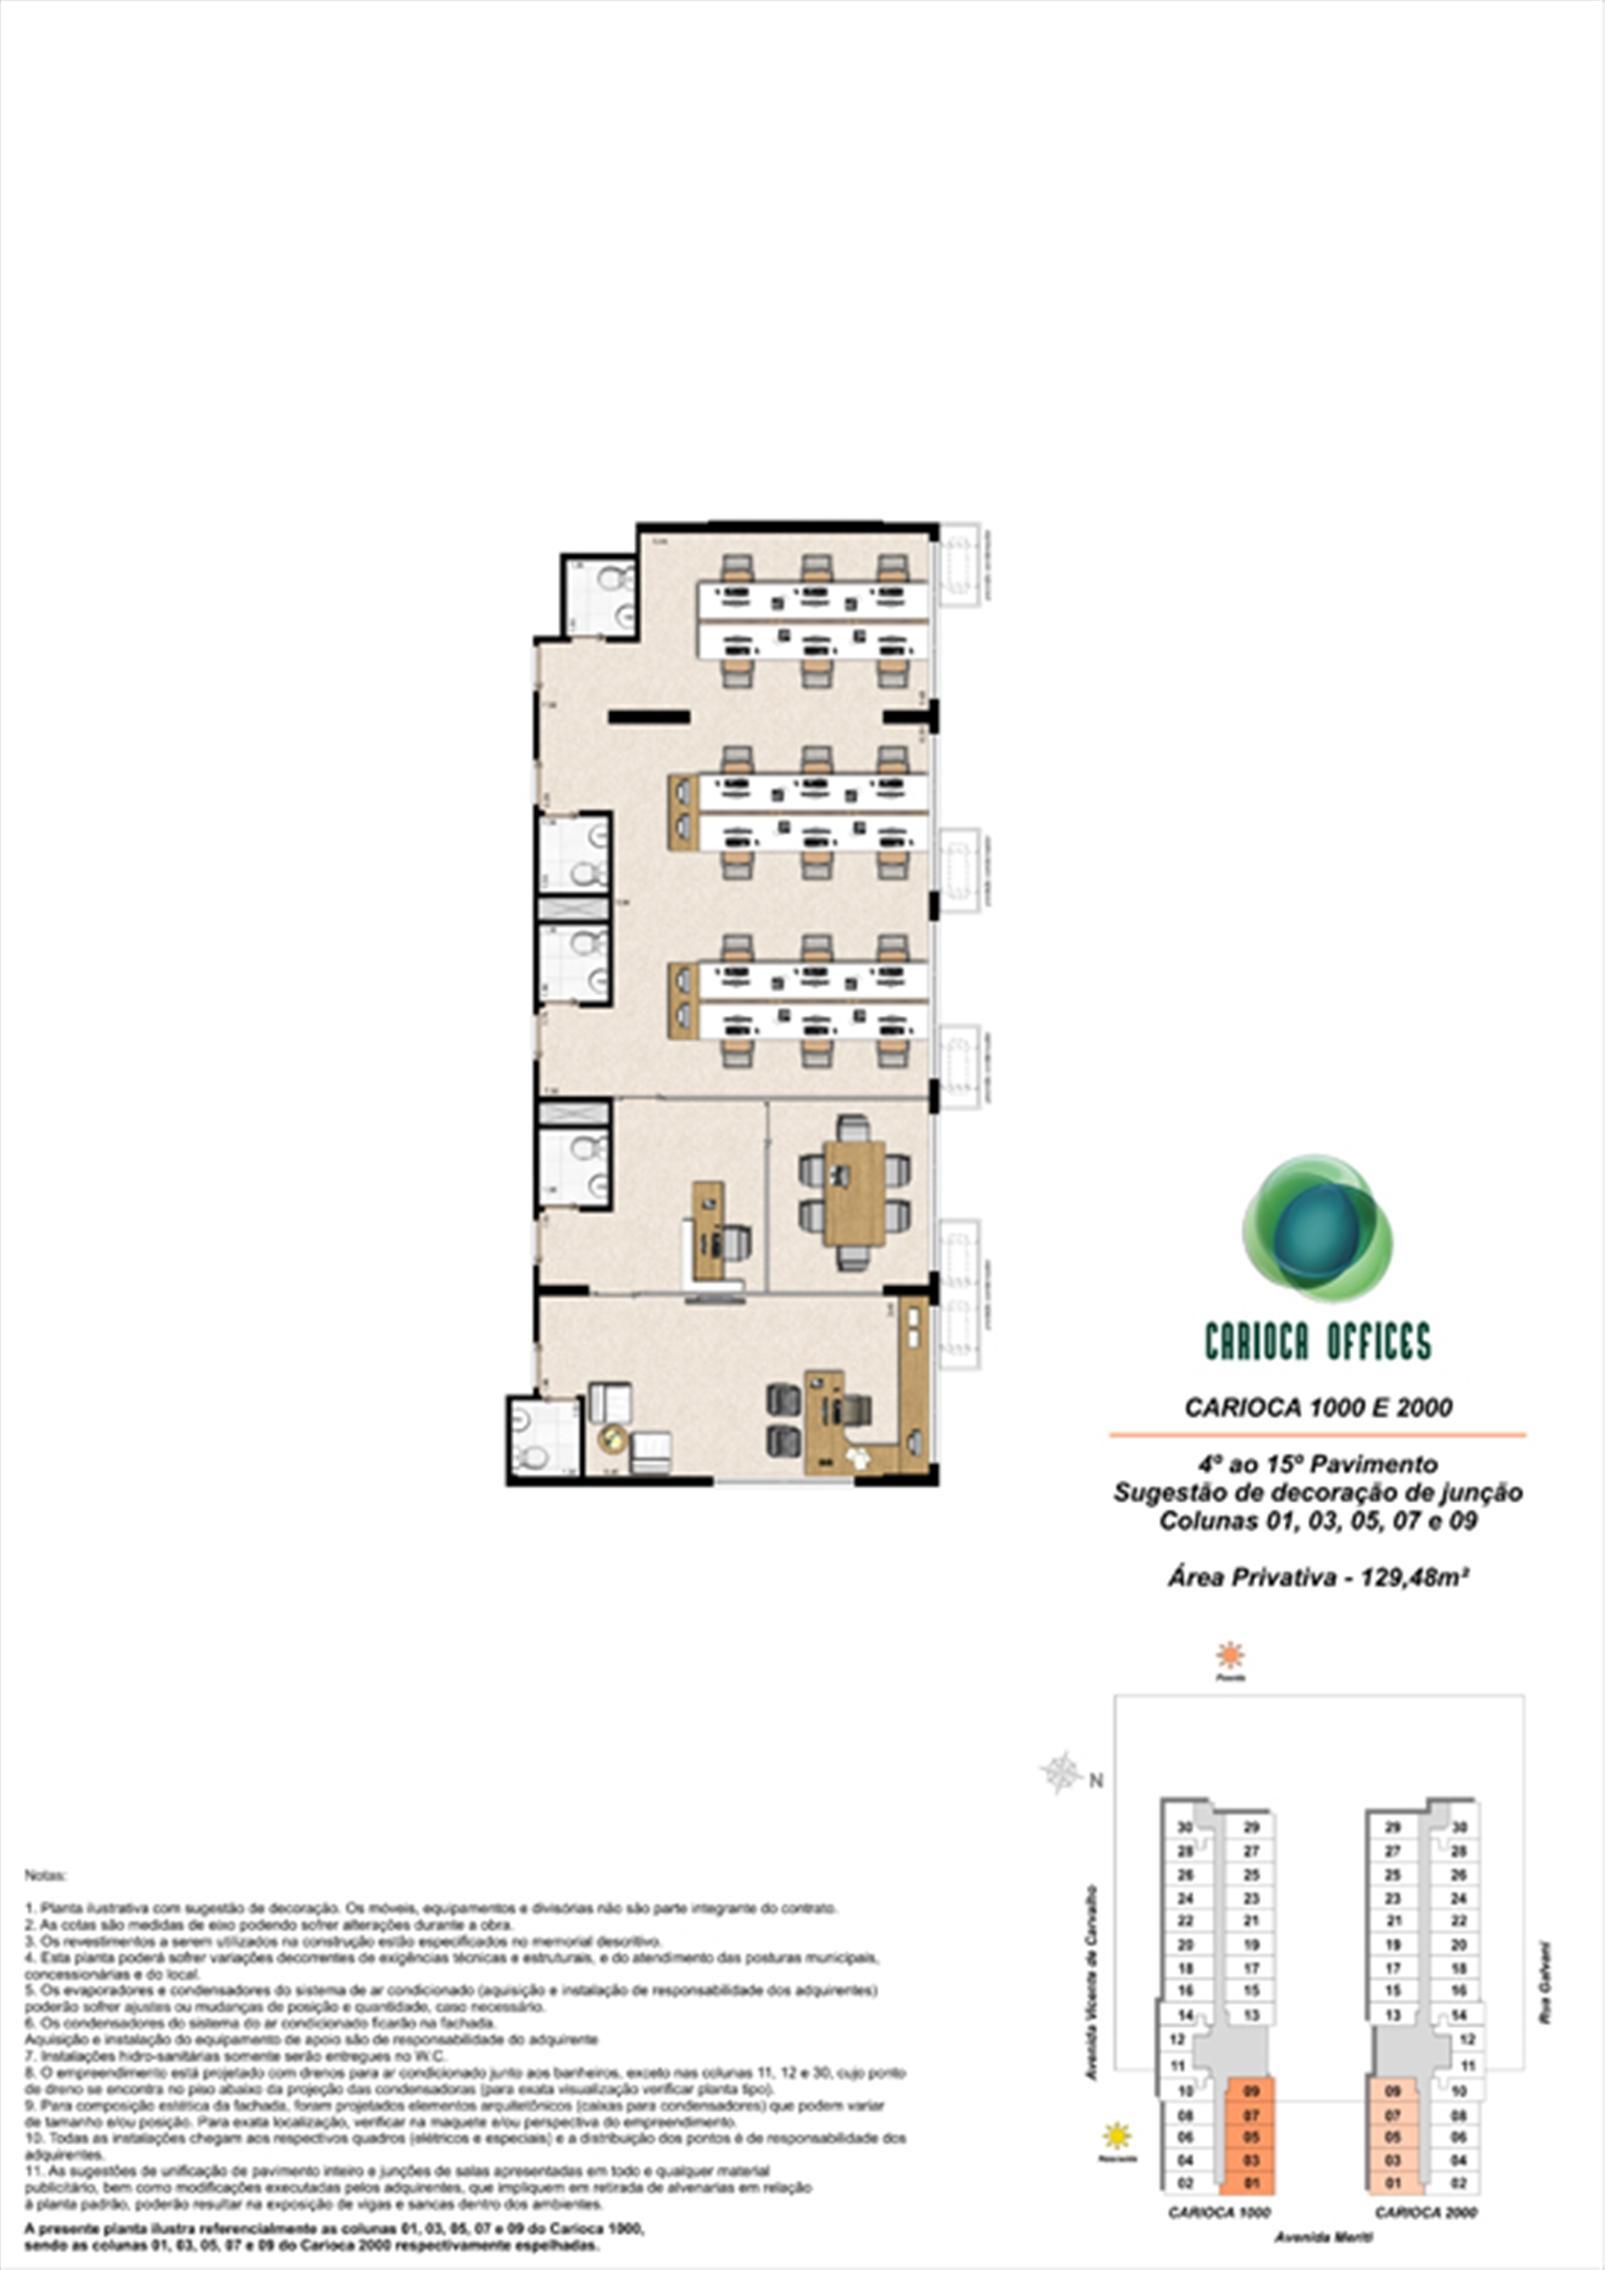 Sugestão de decoração de junção - Carioca 1000 e 2000 - colunas 01, 03, 05, 07 e 09 - 4º ao 15º Pavimento | Carioca Offices – Salas Comerciaisna  Vila da Penha - Rio de Janeiro - Rio de Janeiro